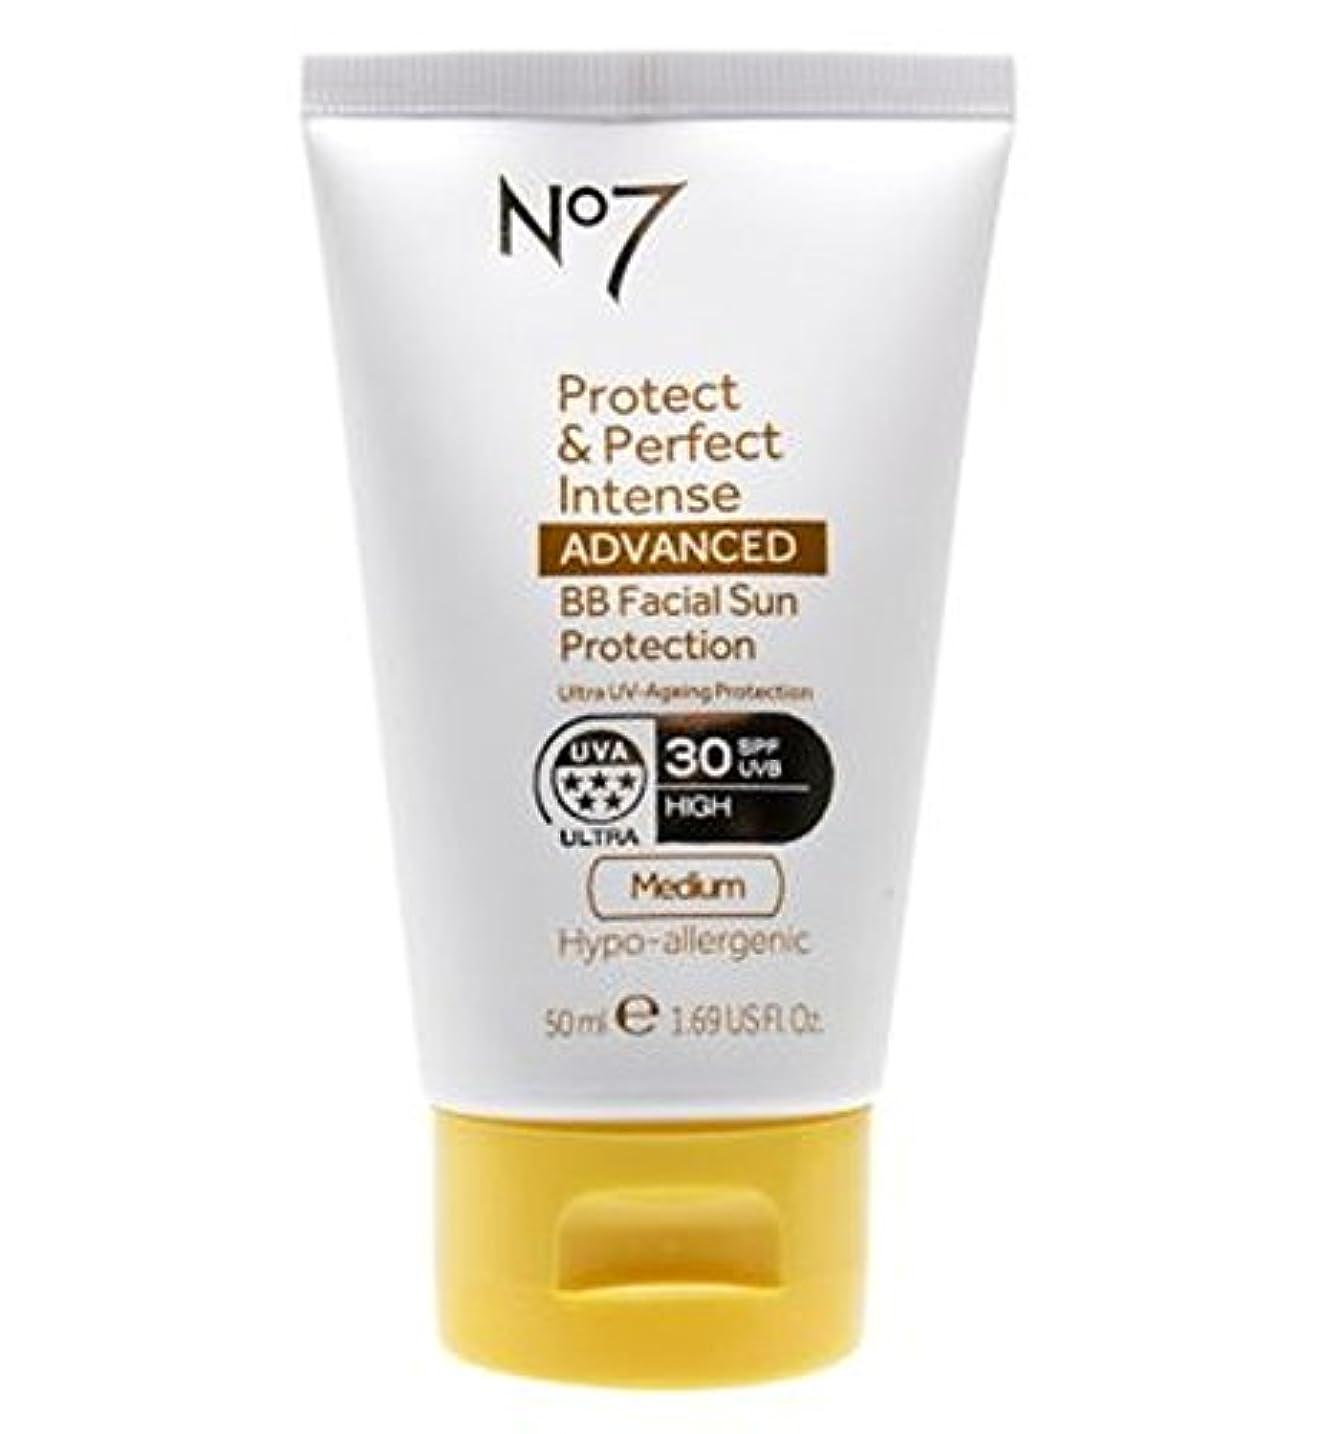 怒り分泌する脱臼するNo7保護&完璧な強烈な先進Bb顔の日焼け防止Spf30培地50ミリリットル (No7) (x2) - No7 Protect & Perfect Intense ADVANCED BB Facial Sun Protection...